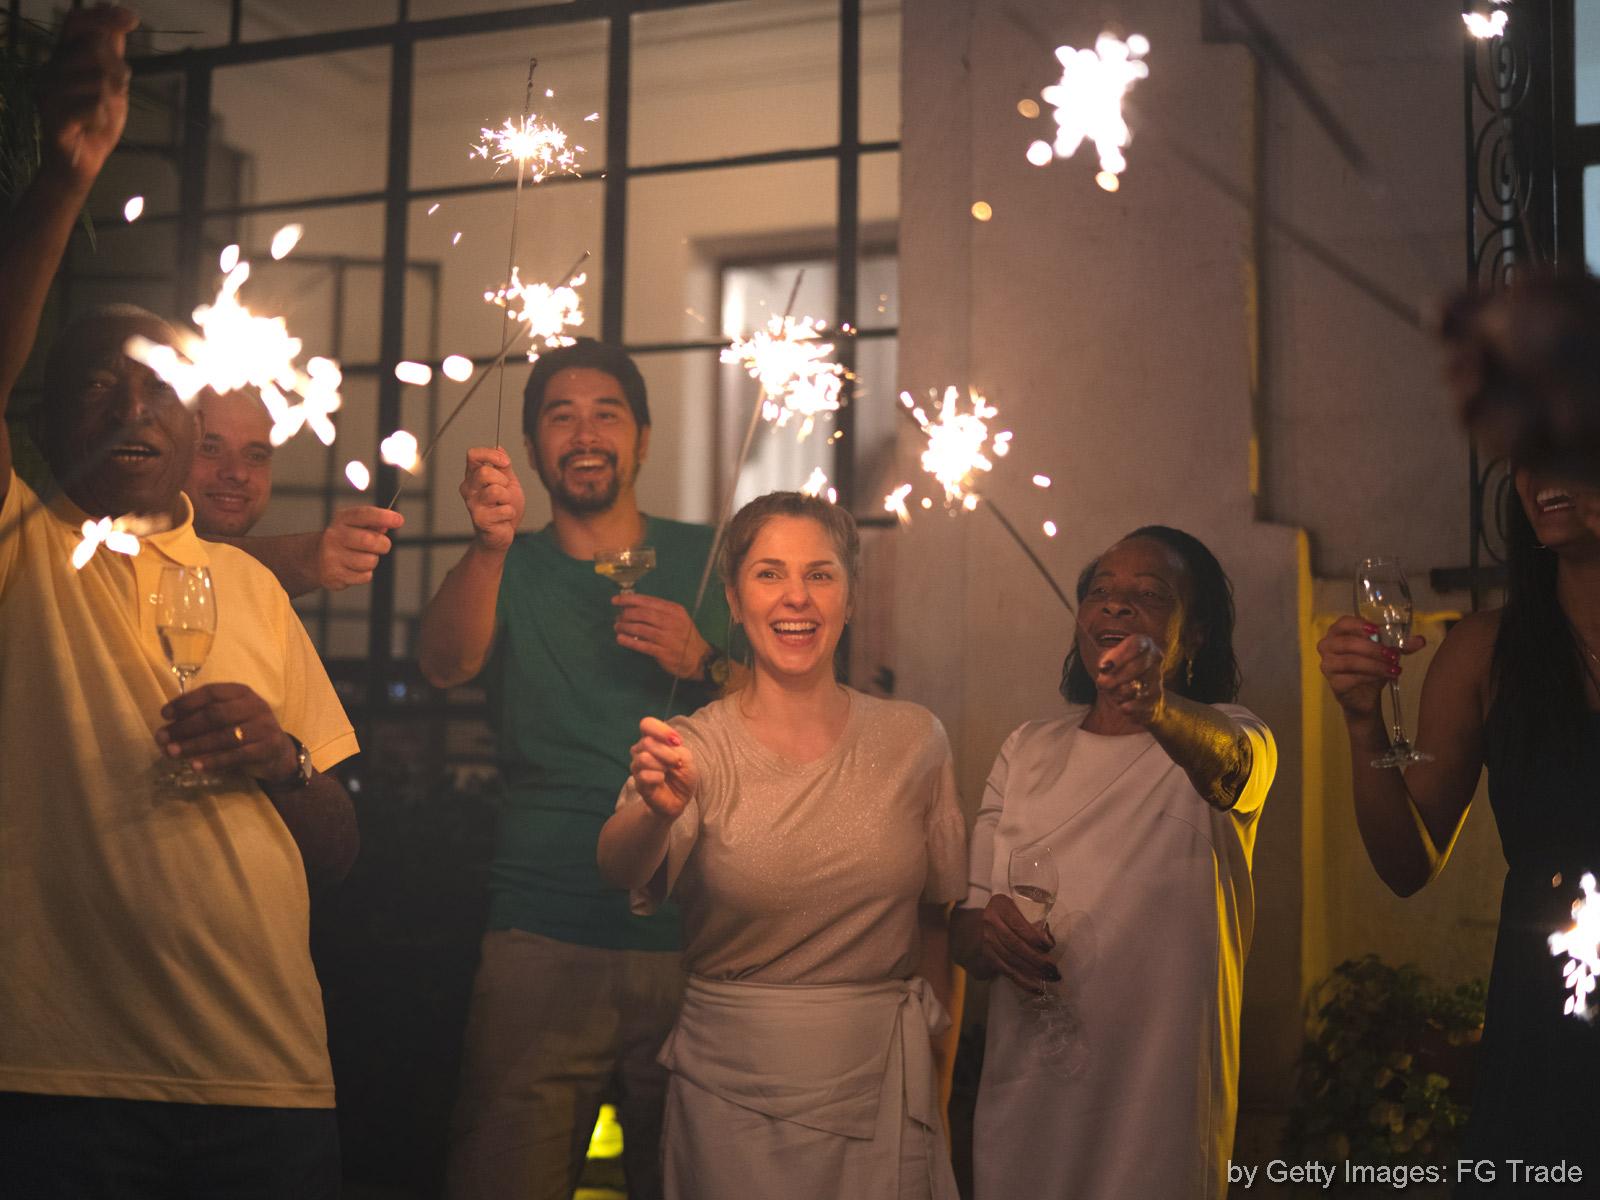 Que a cada ano novo possamos celebrar uma vida nova